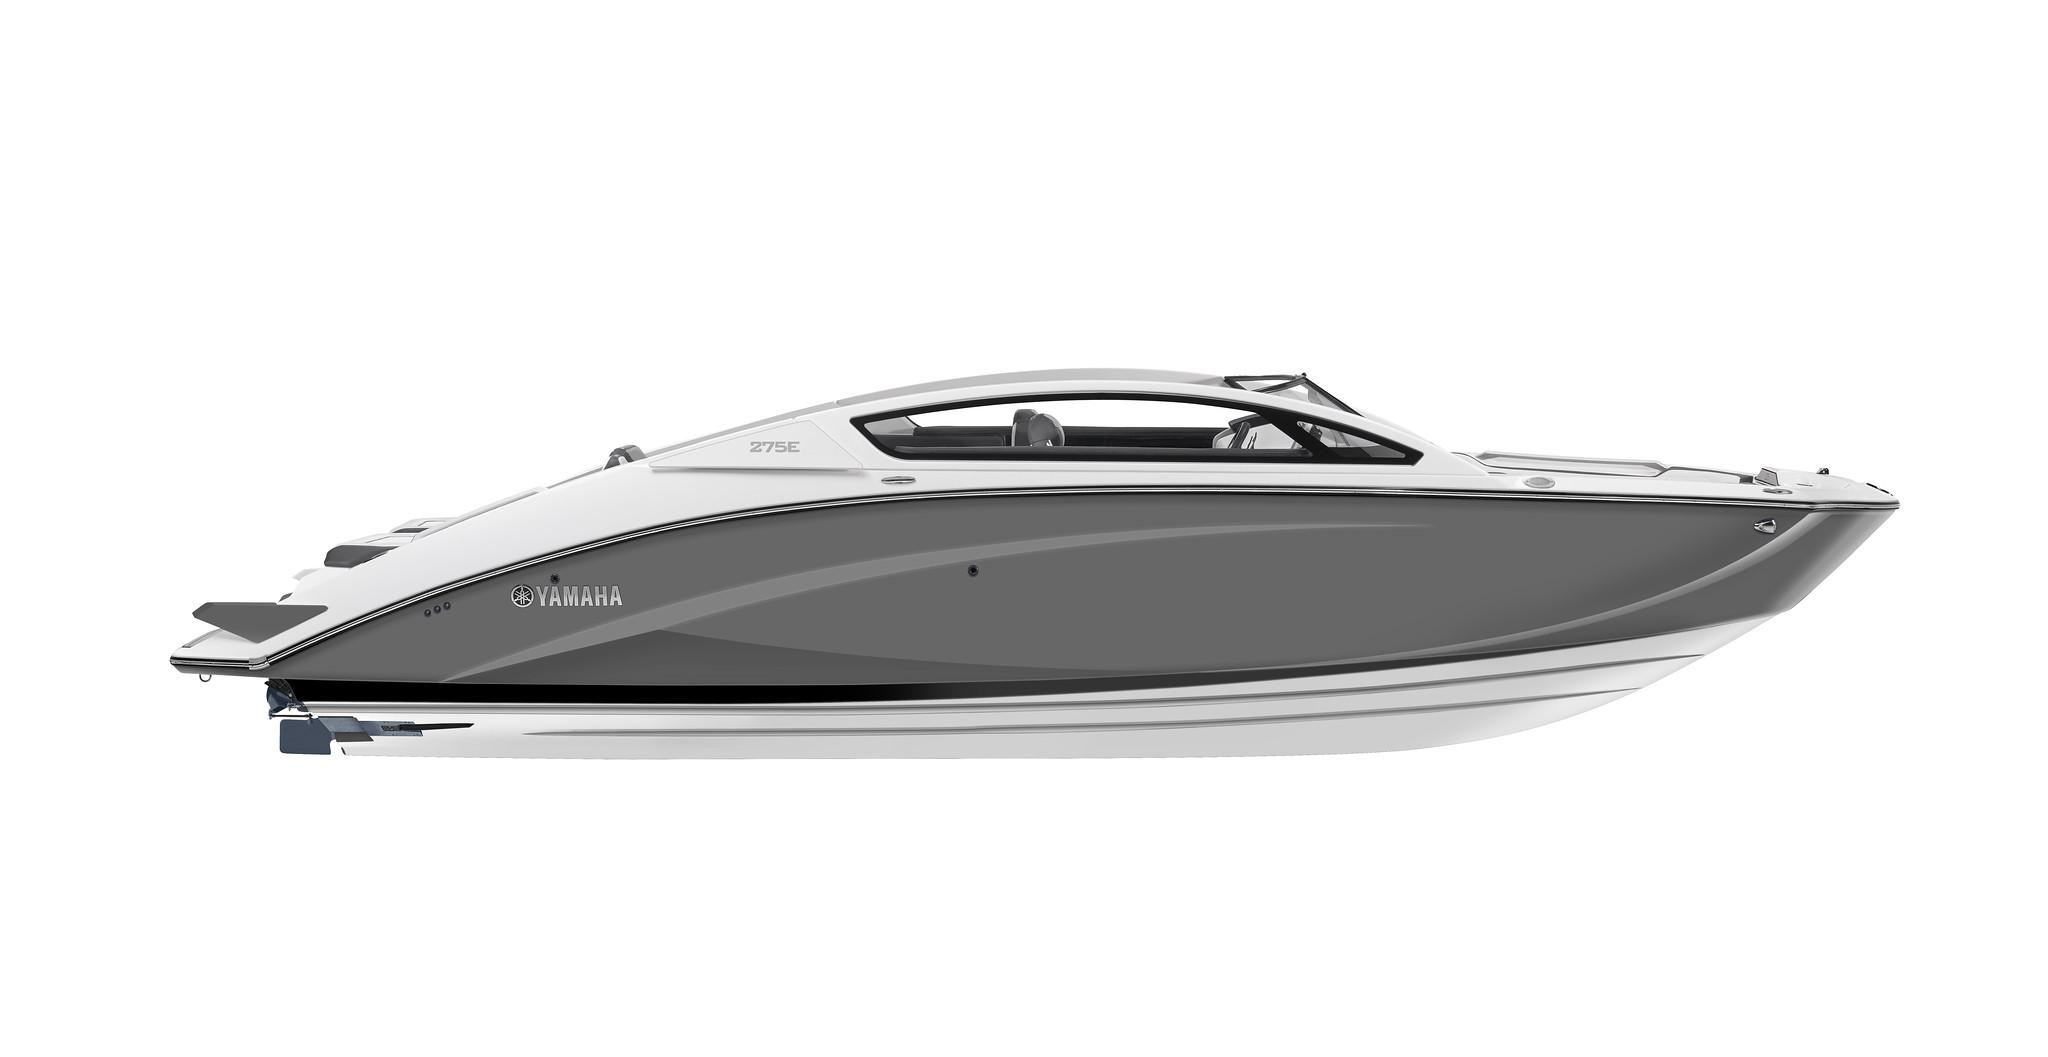 YamahaBoats 275E